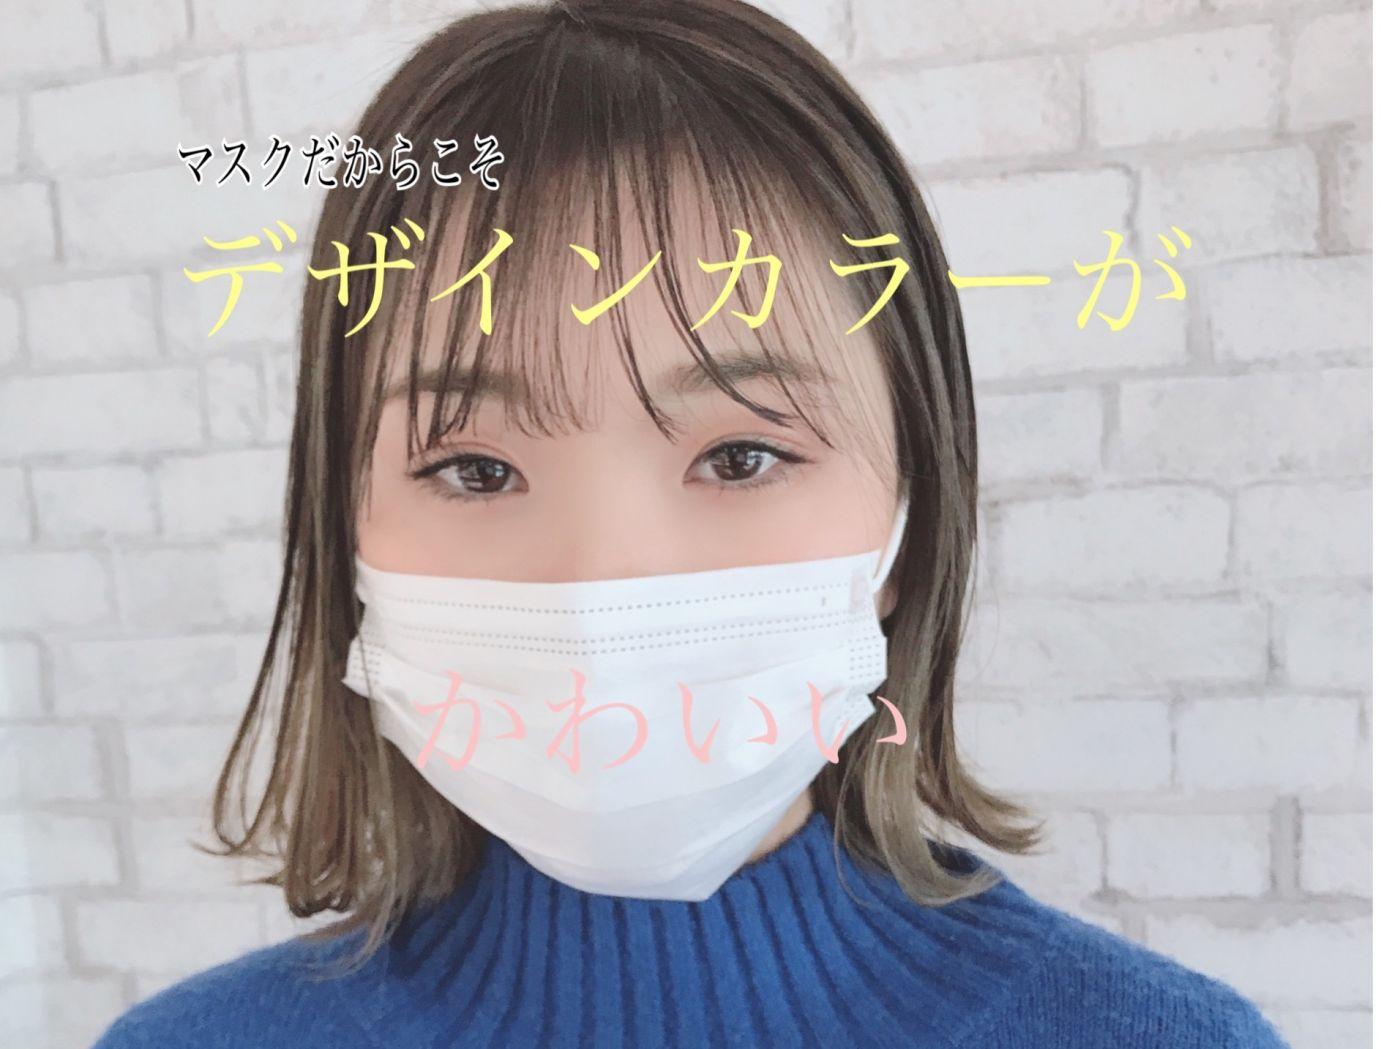 マスクだからこそ普段と違うカラーがアリかも!デザインカラーが可愛い理由